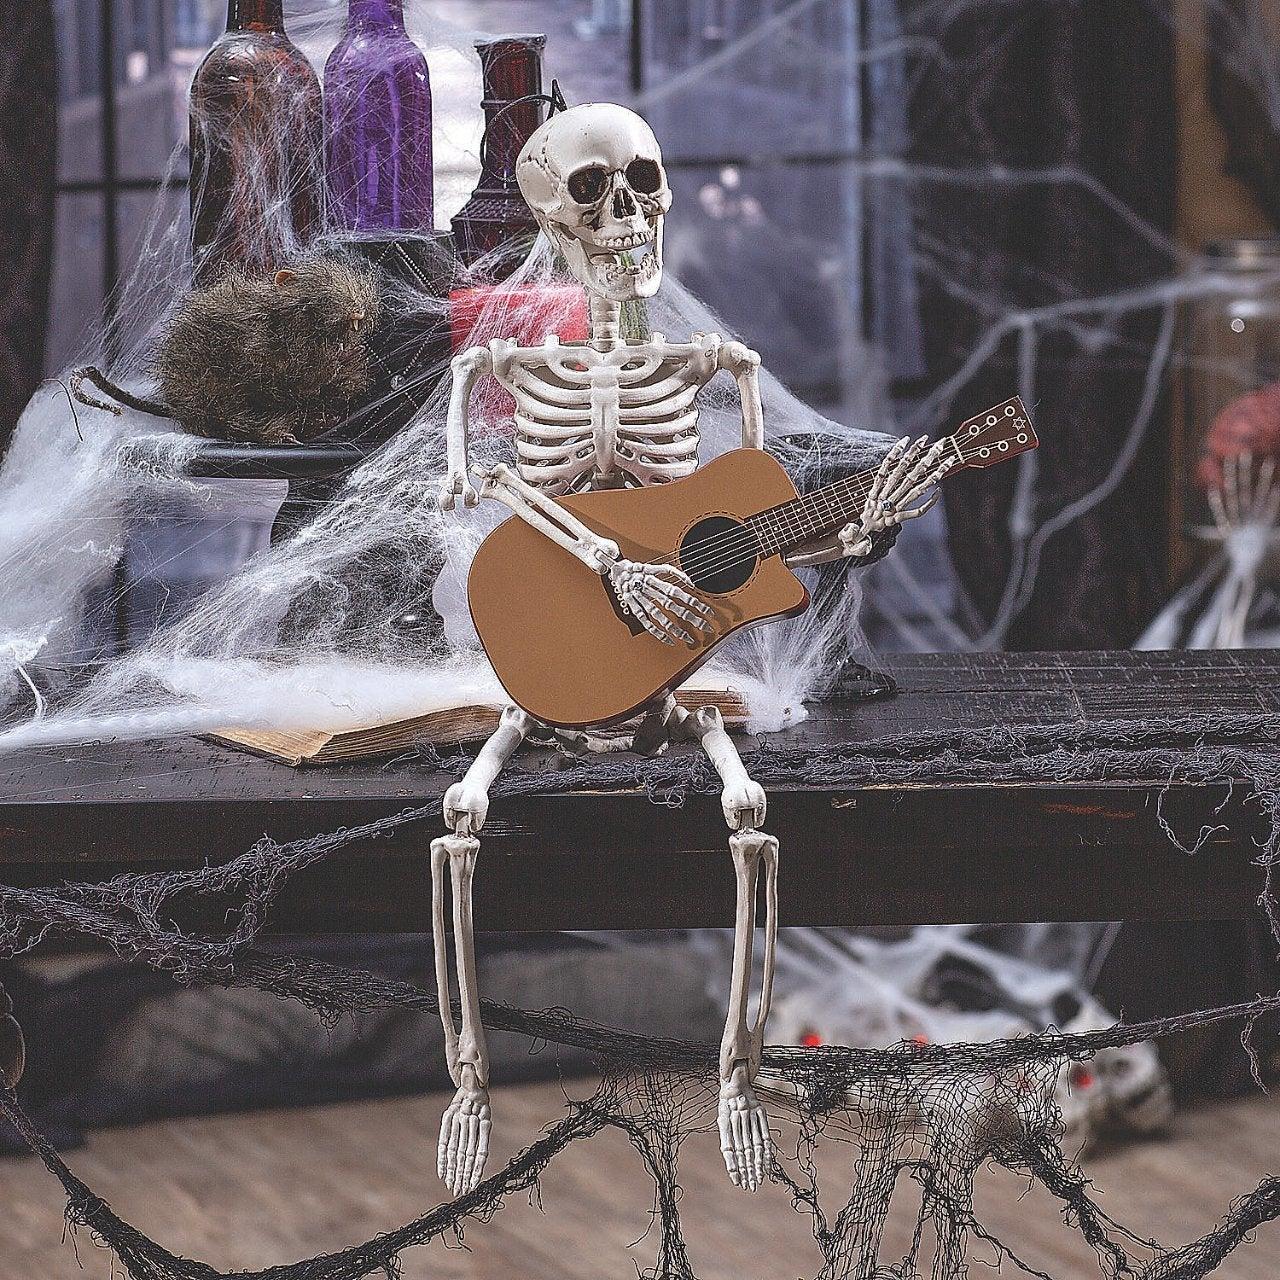 guitar-playing-skeleton-halloween-decoration_13952151